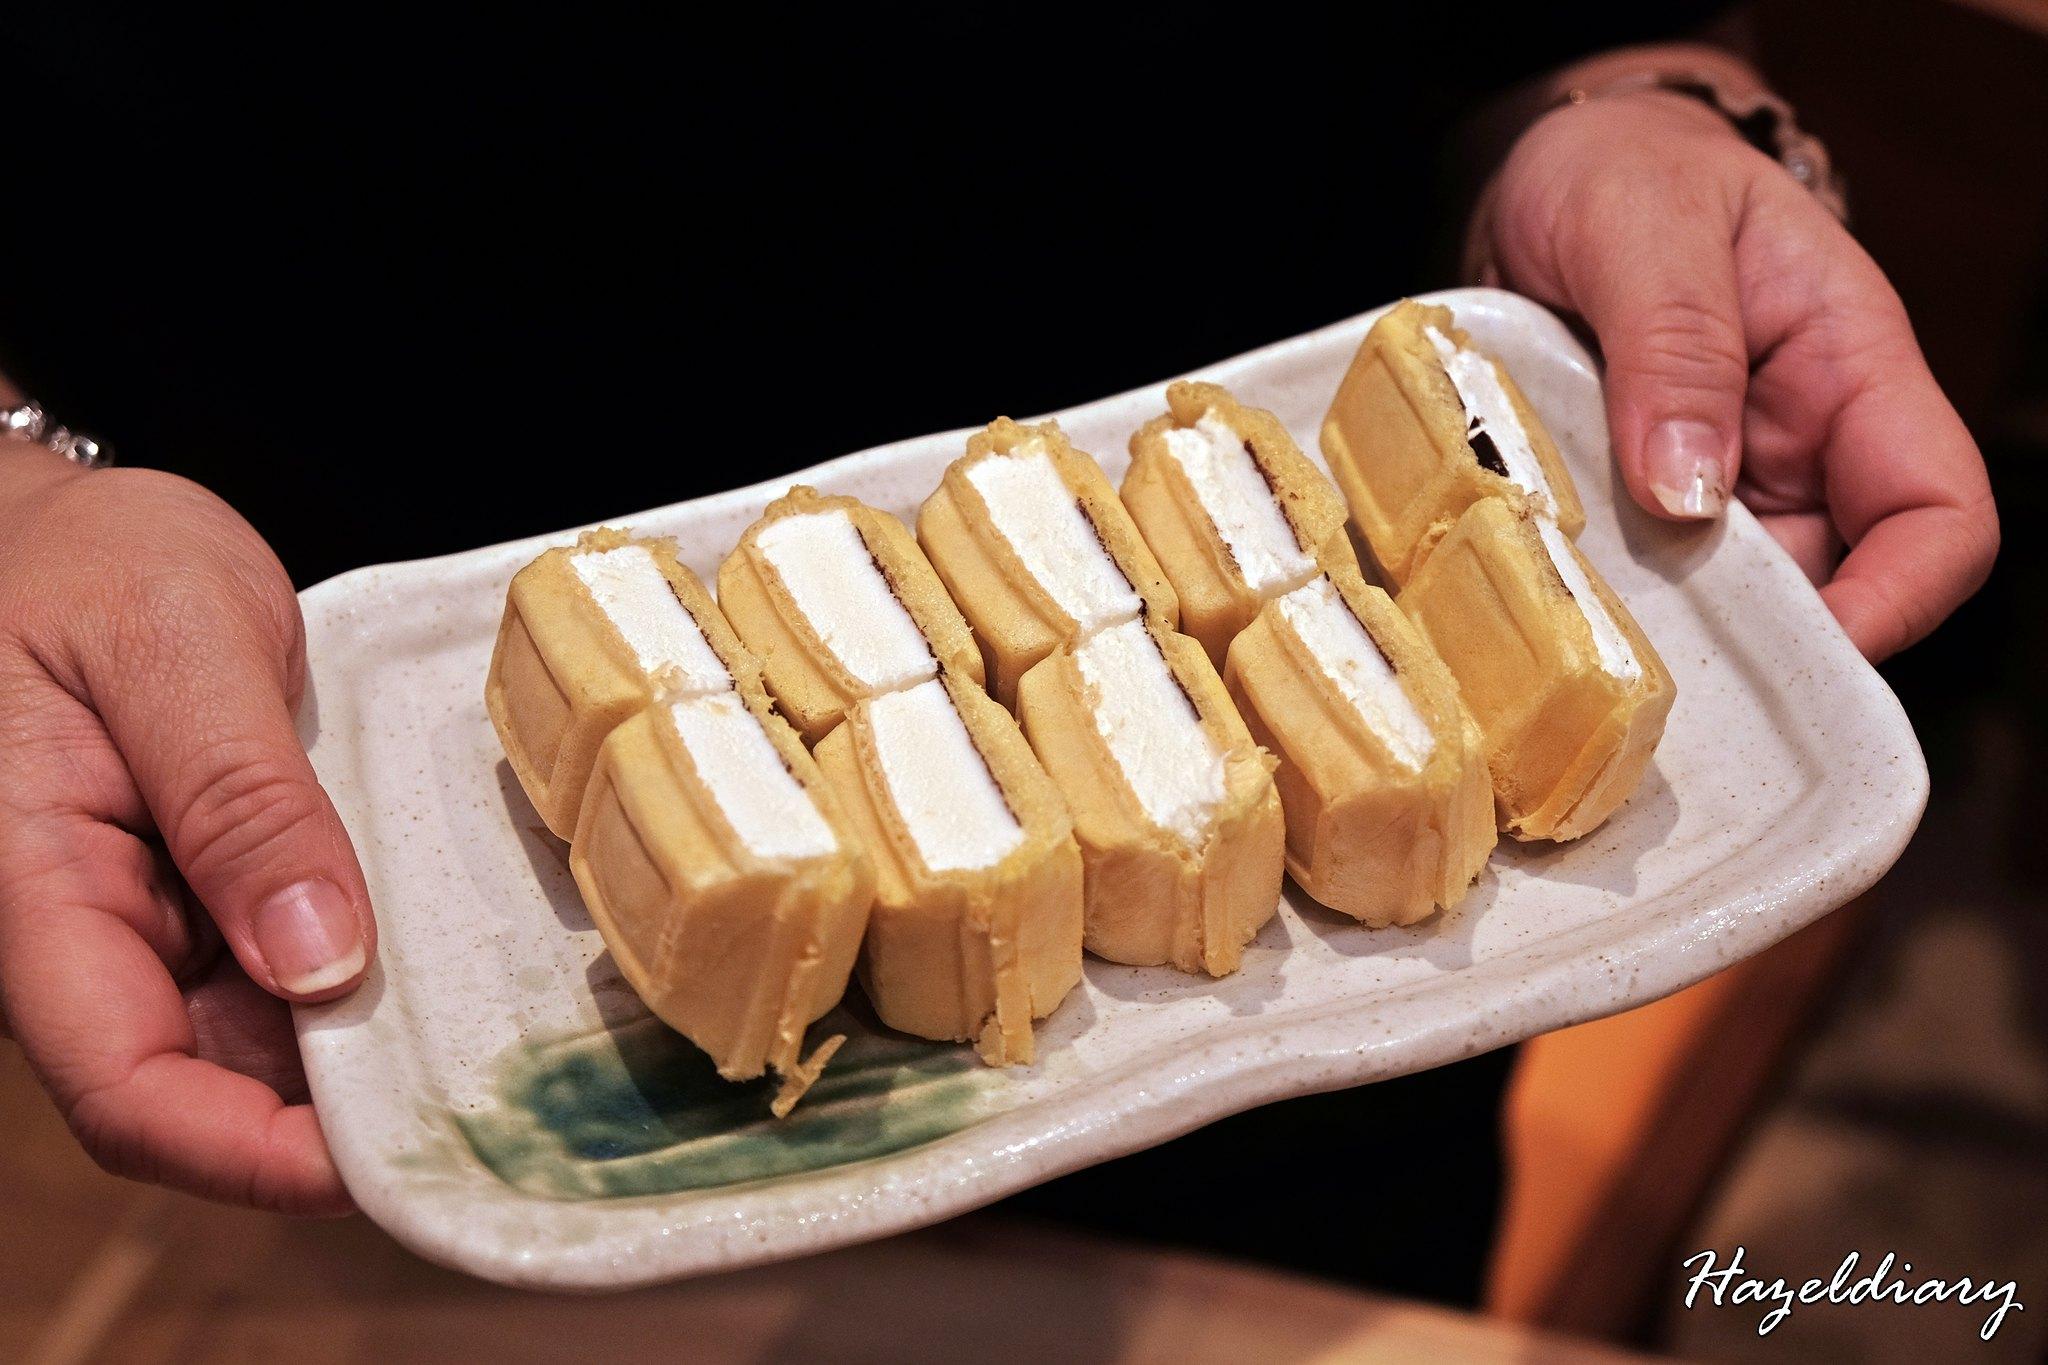 Hokkaido-Ya-Desserts-Ice cream